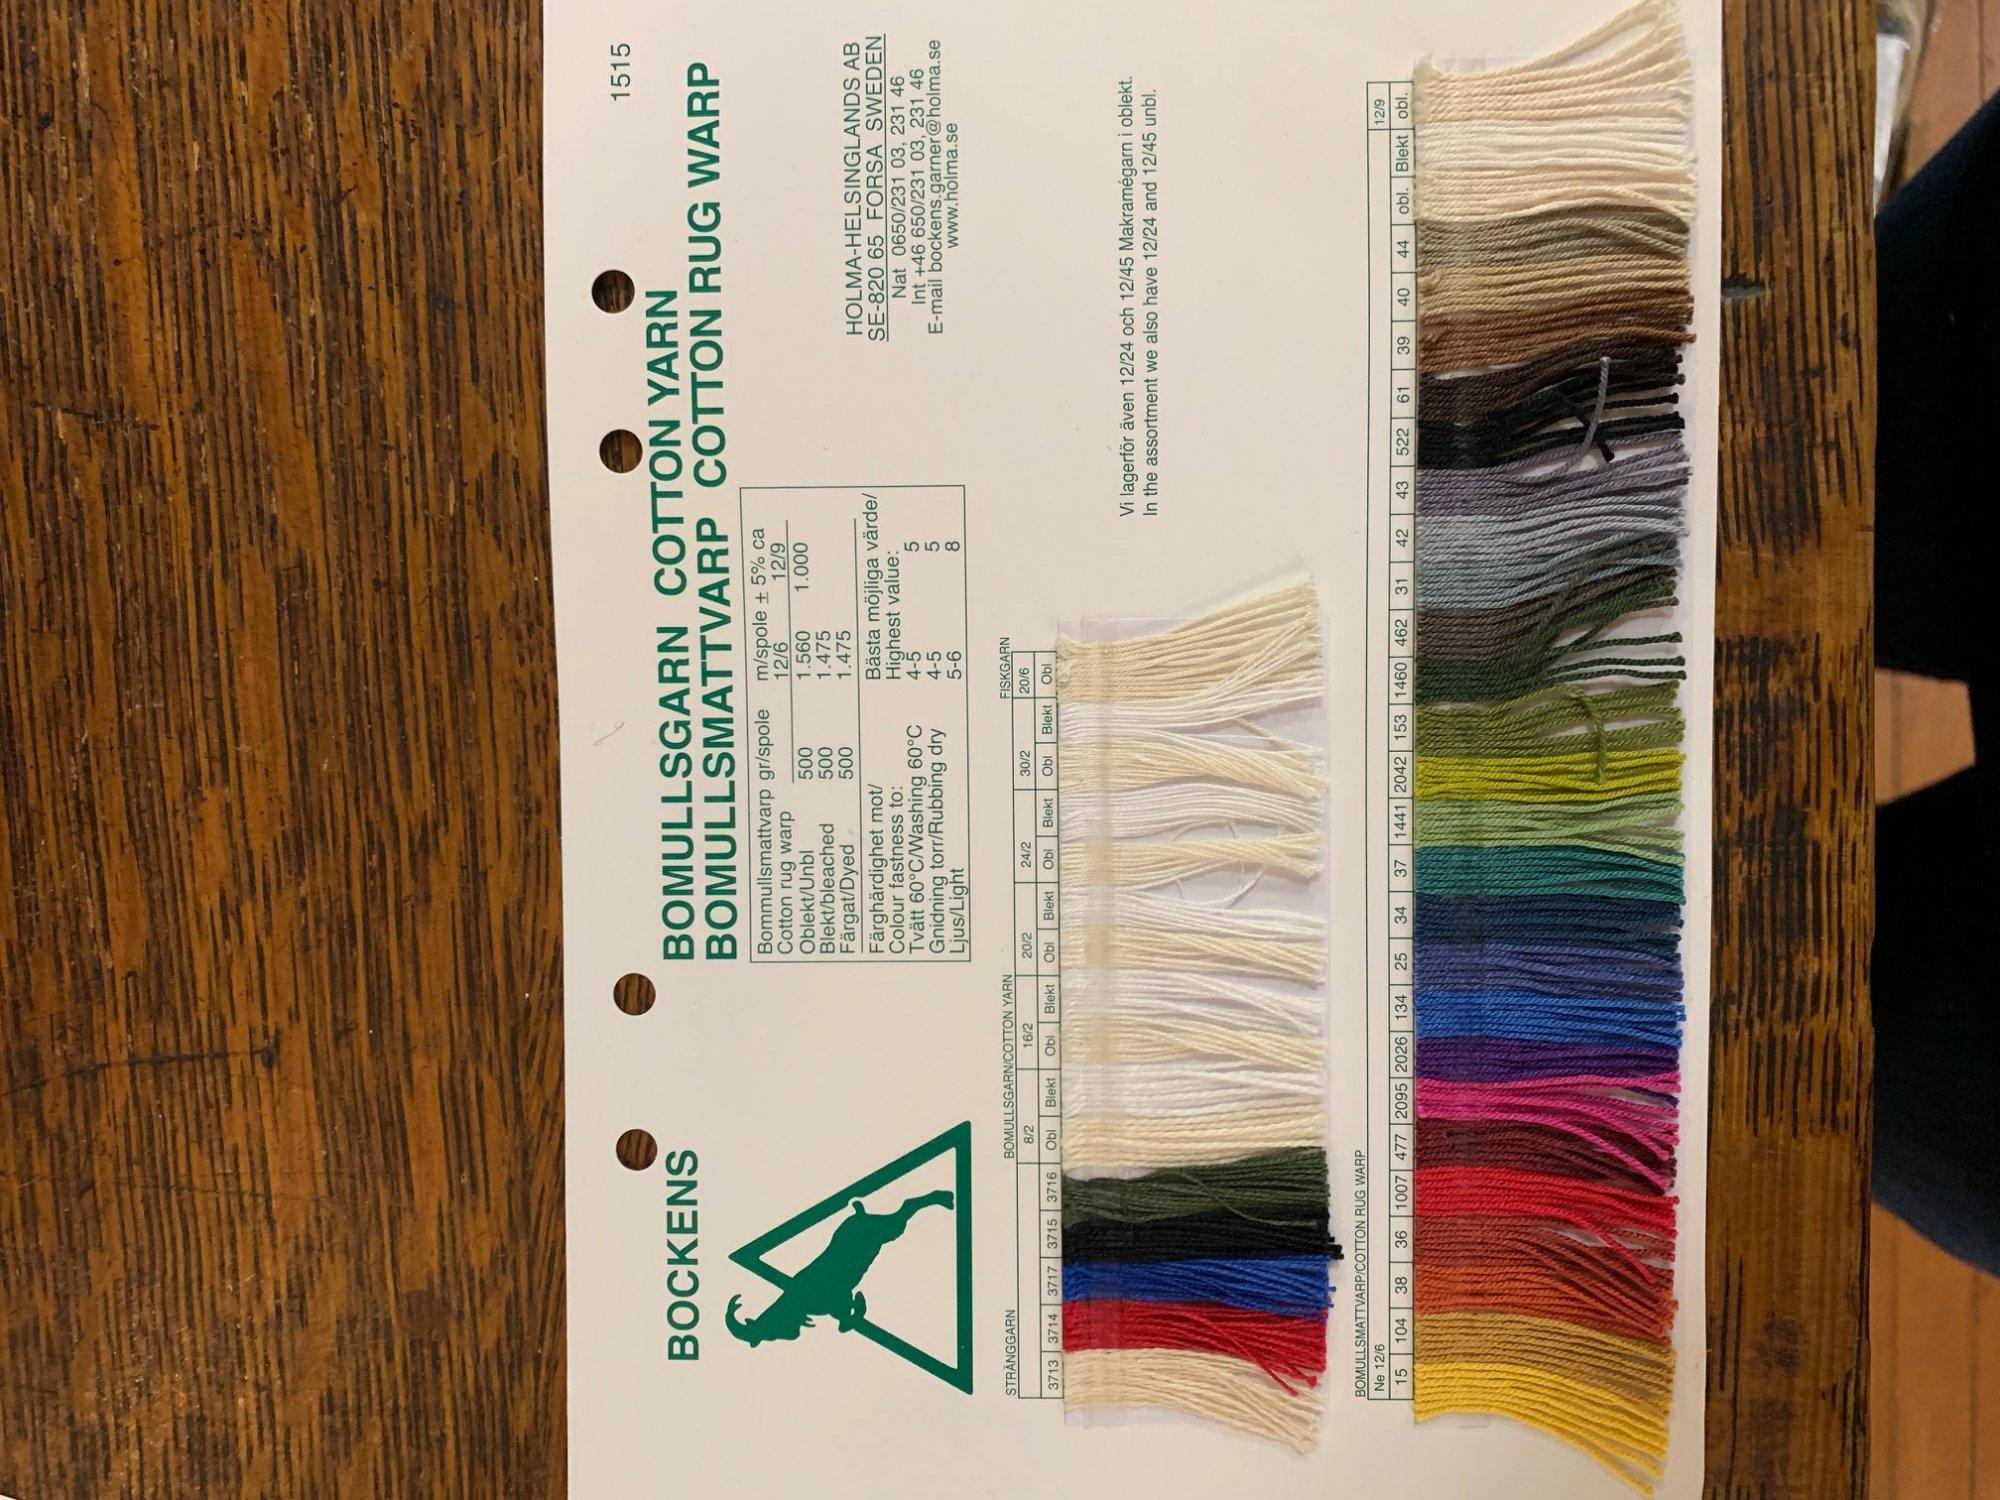 Bockens 12/6 cotton rug warp